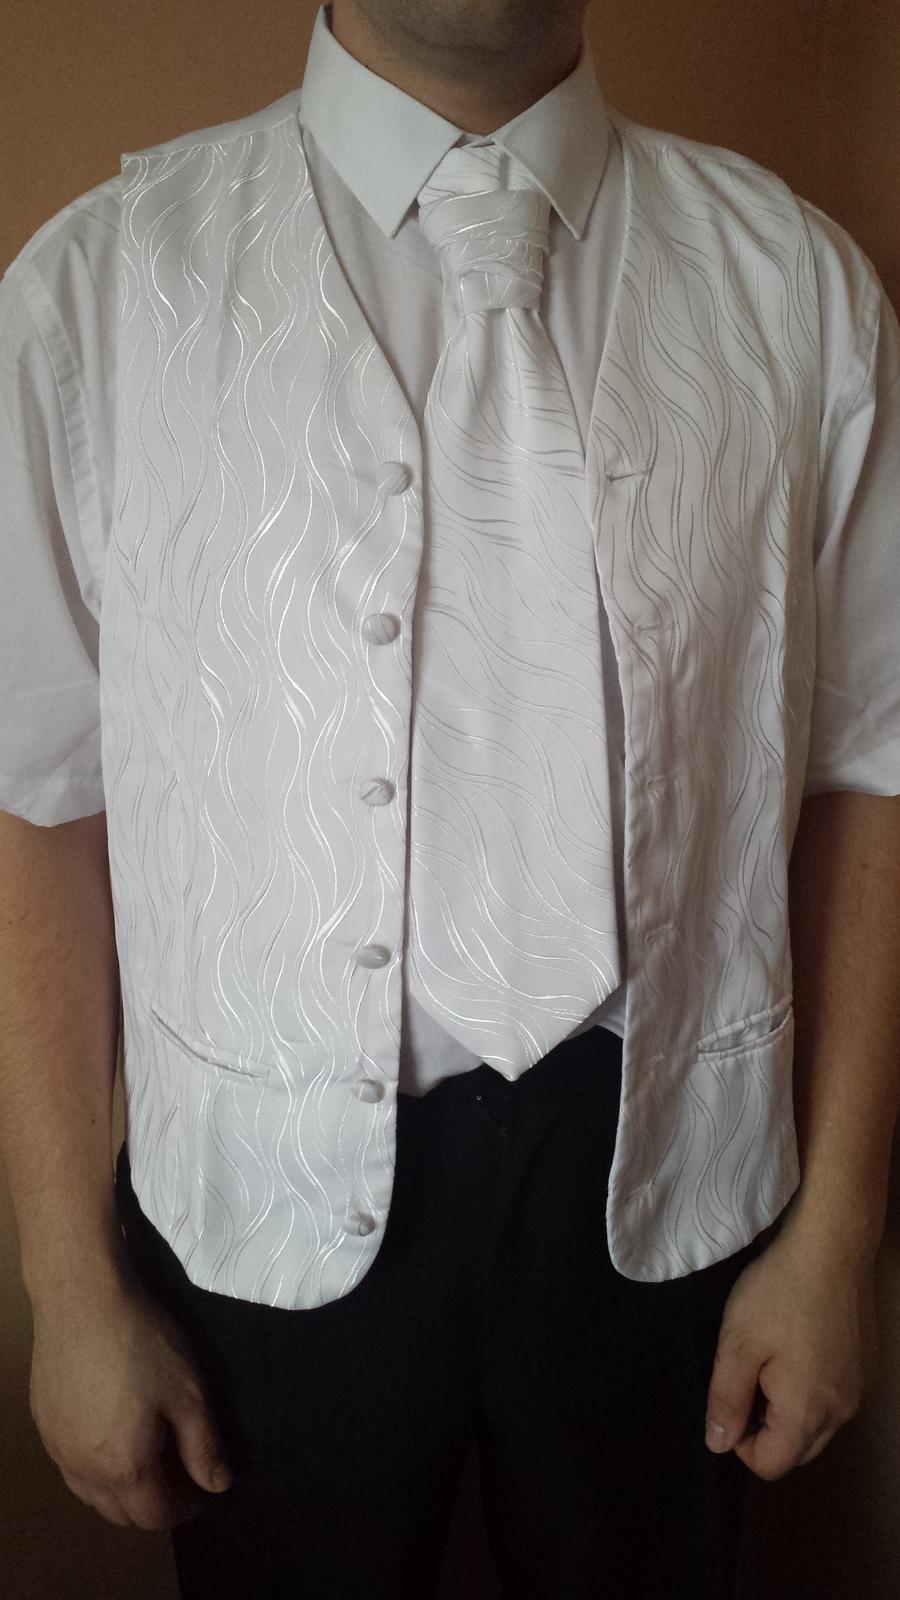 Francúzska kravata, vesta a vreckovka - Obrázok č. 2